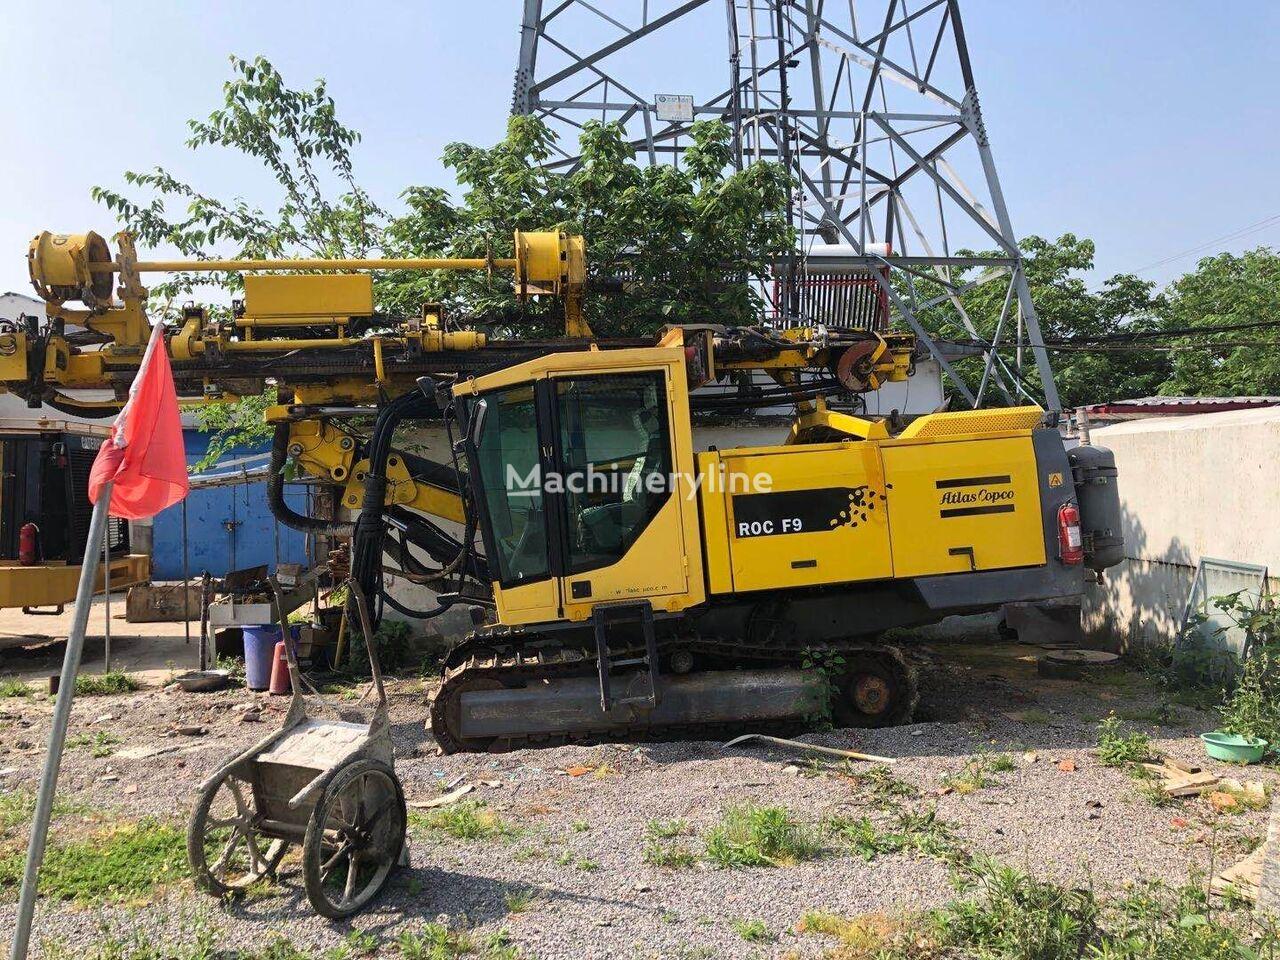 Atlas Copco ROC F9 drilling rig